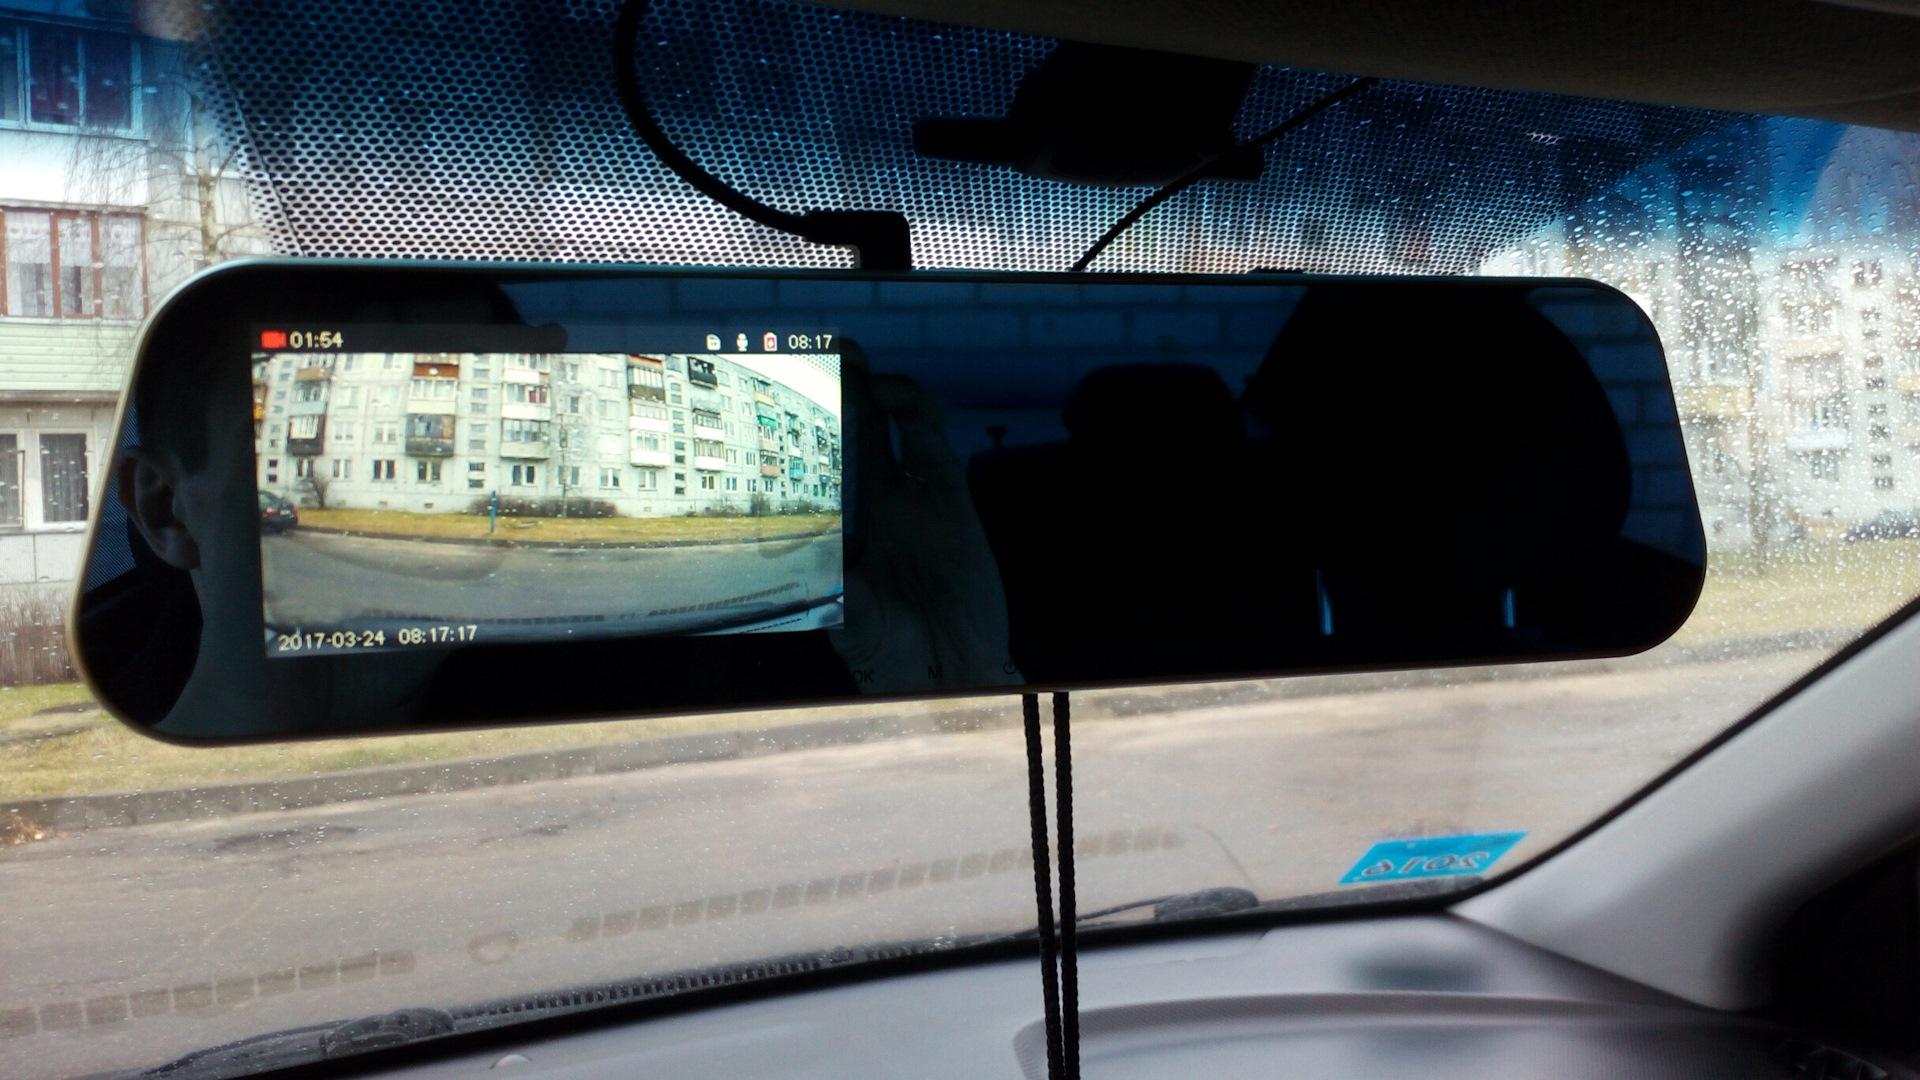 Парктроник и регистратор в зеркало заднего вида корейский регистратор с 2 камерами